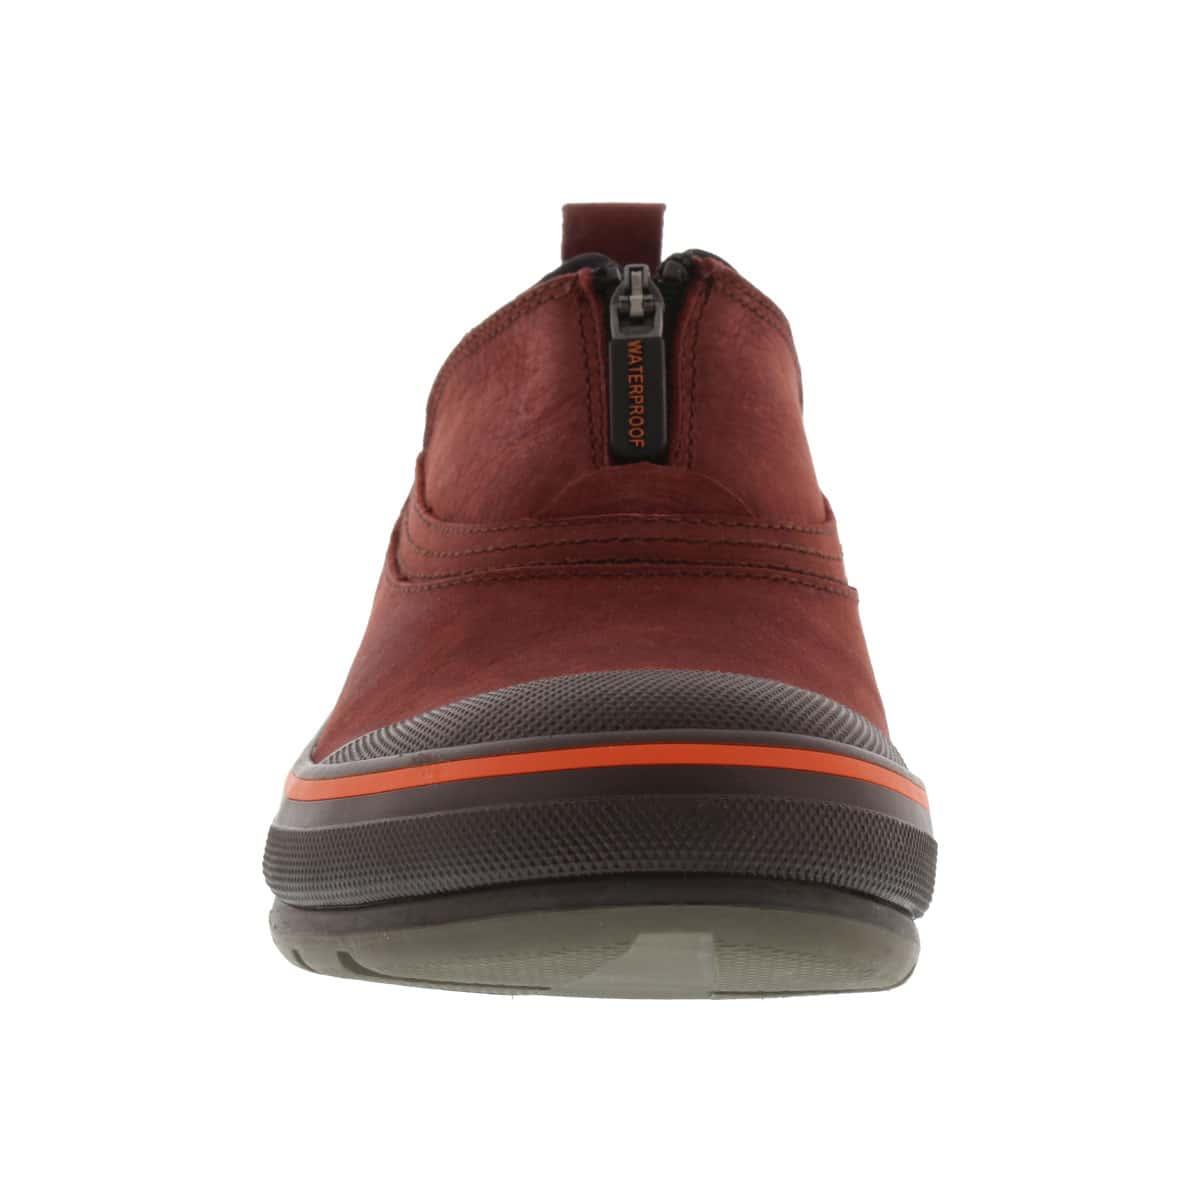 Chaussures imp. RIDGE, cuir rouge, fem